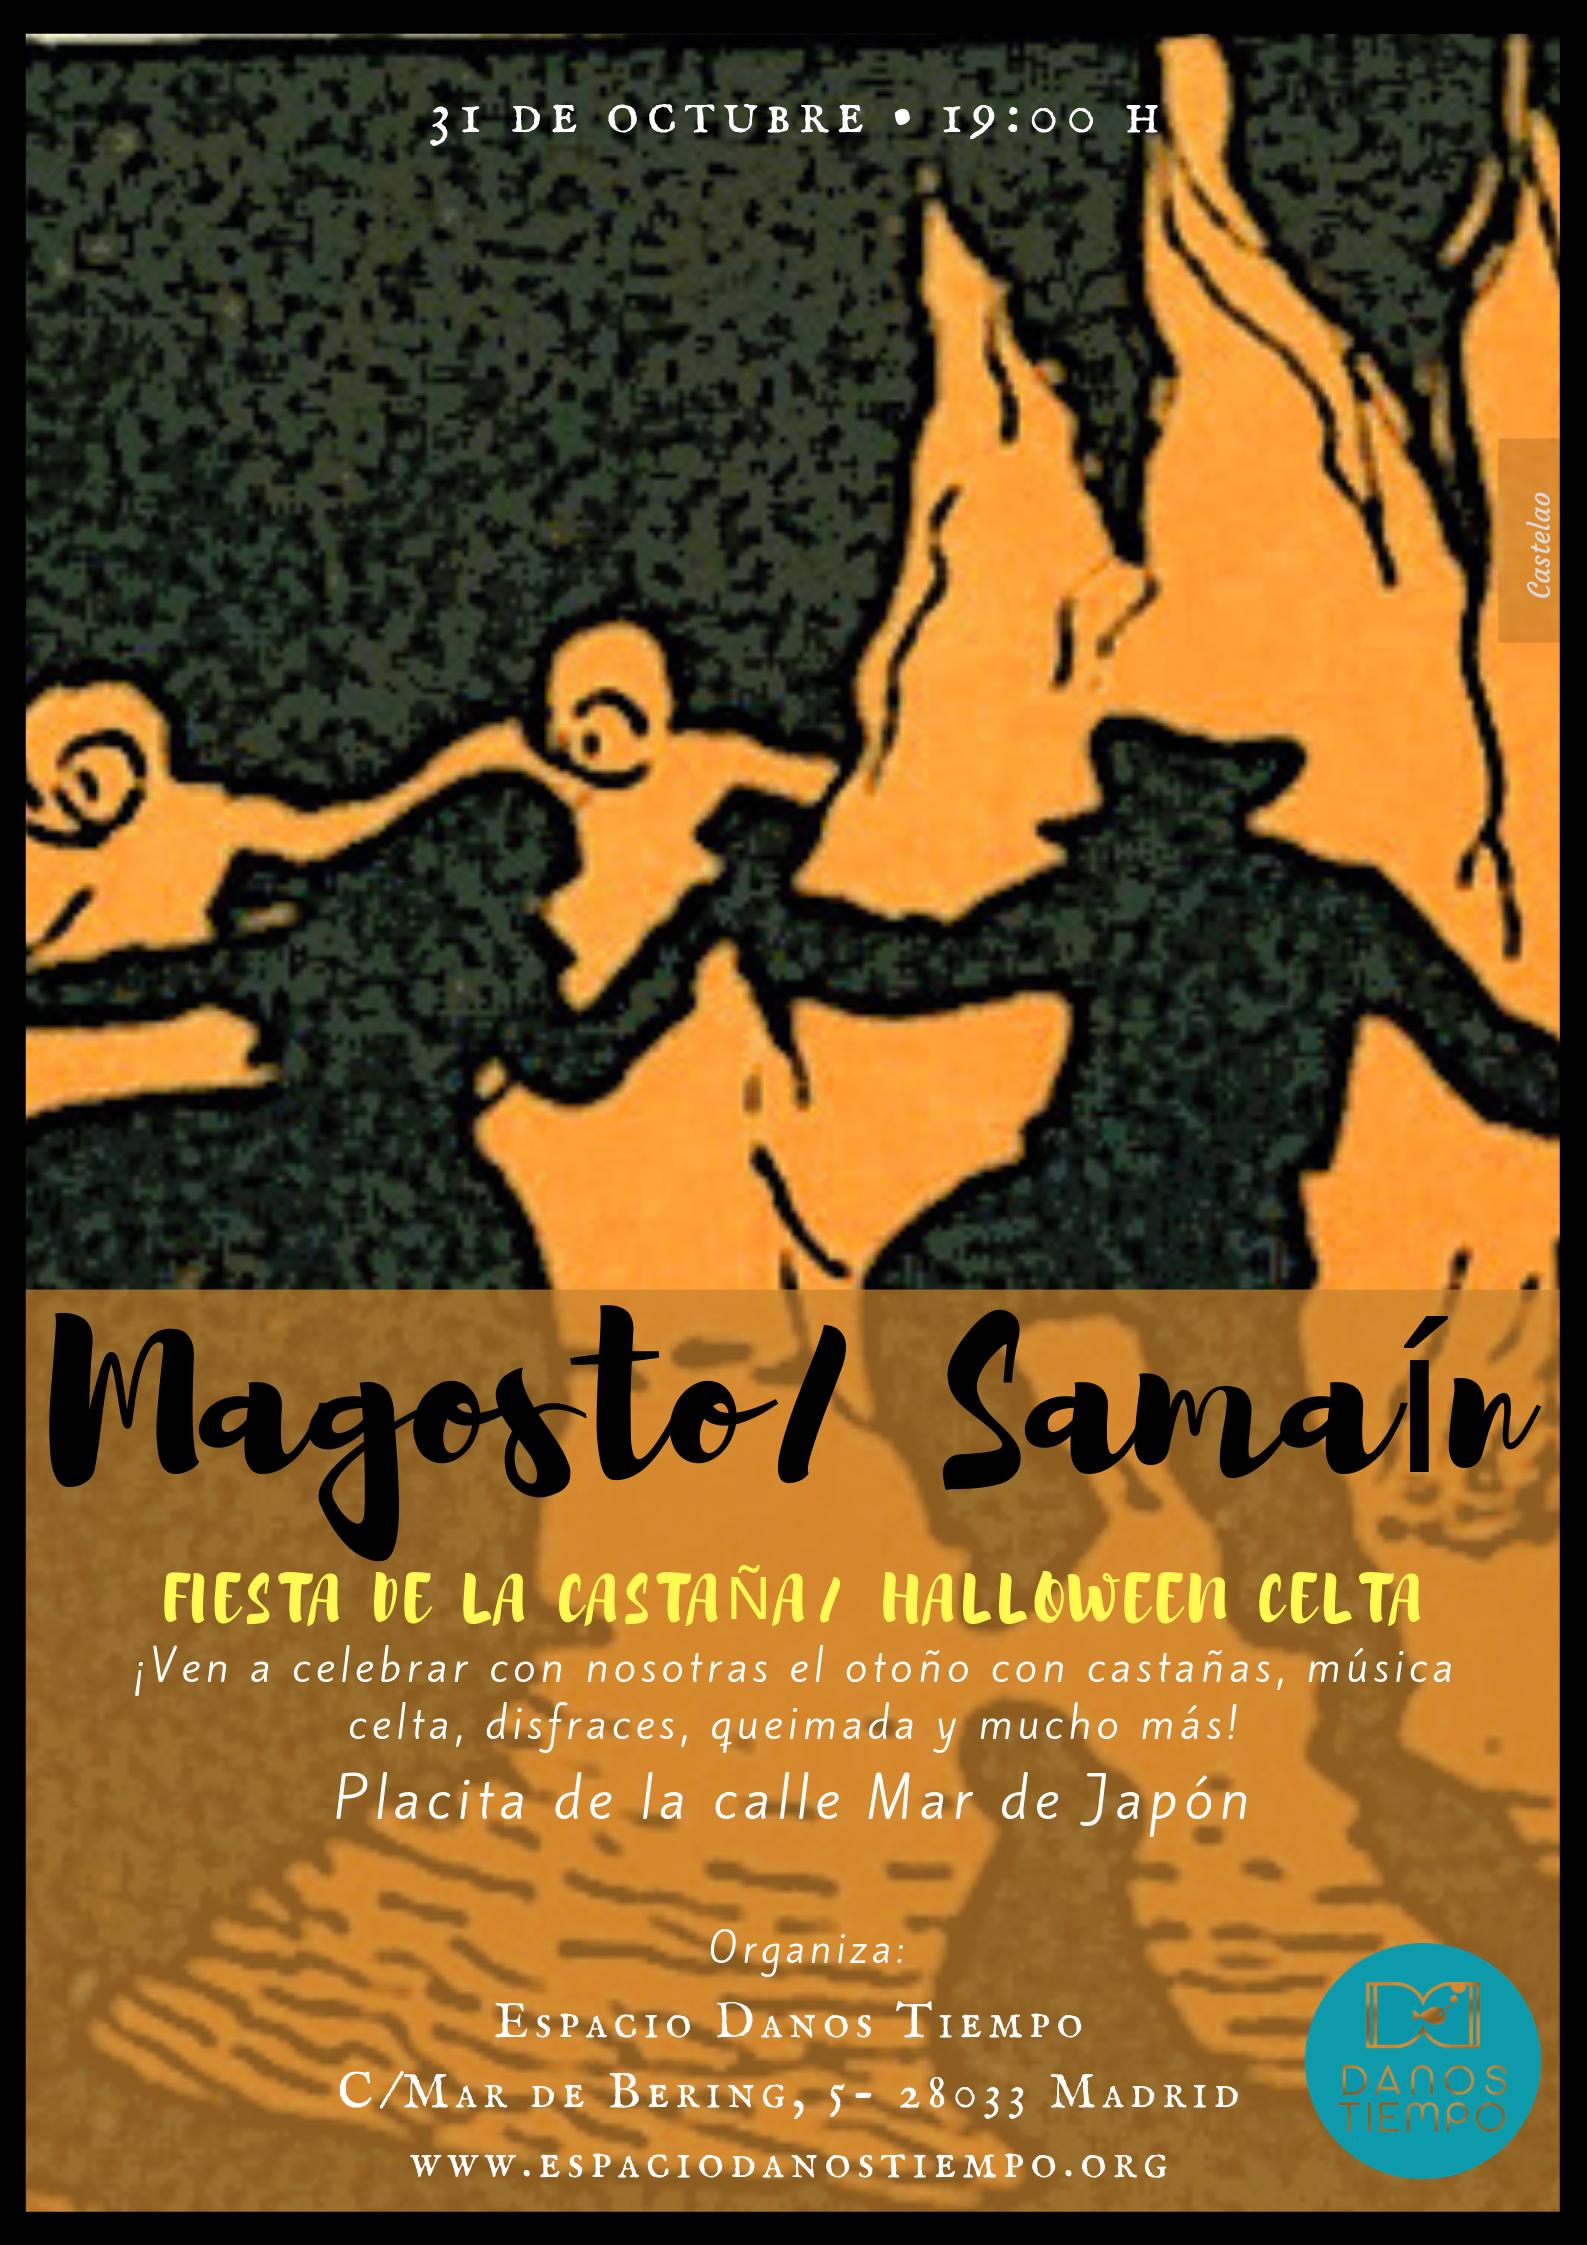 Magosto y Samaín en la plaza de Mar del Japón